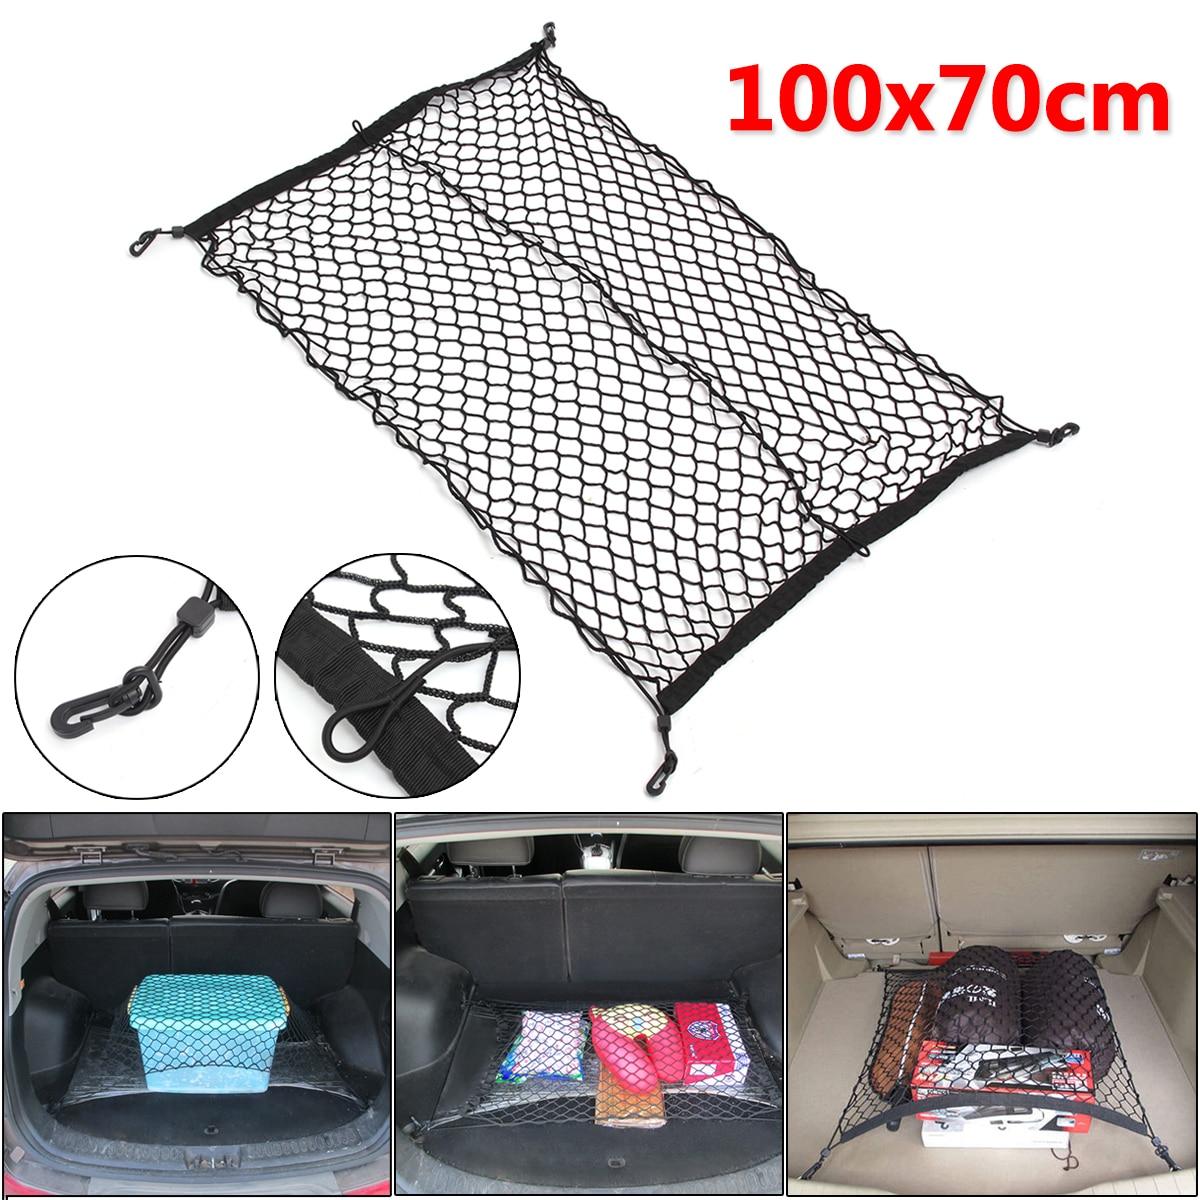 100cm x 70cm preto náilon tronco do carro organizador de armazenamento de bagagem net saco traseiro cauda malha rede com 4 ganchos